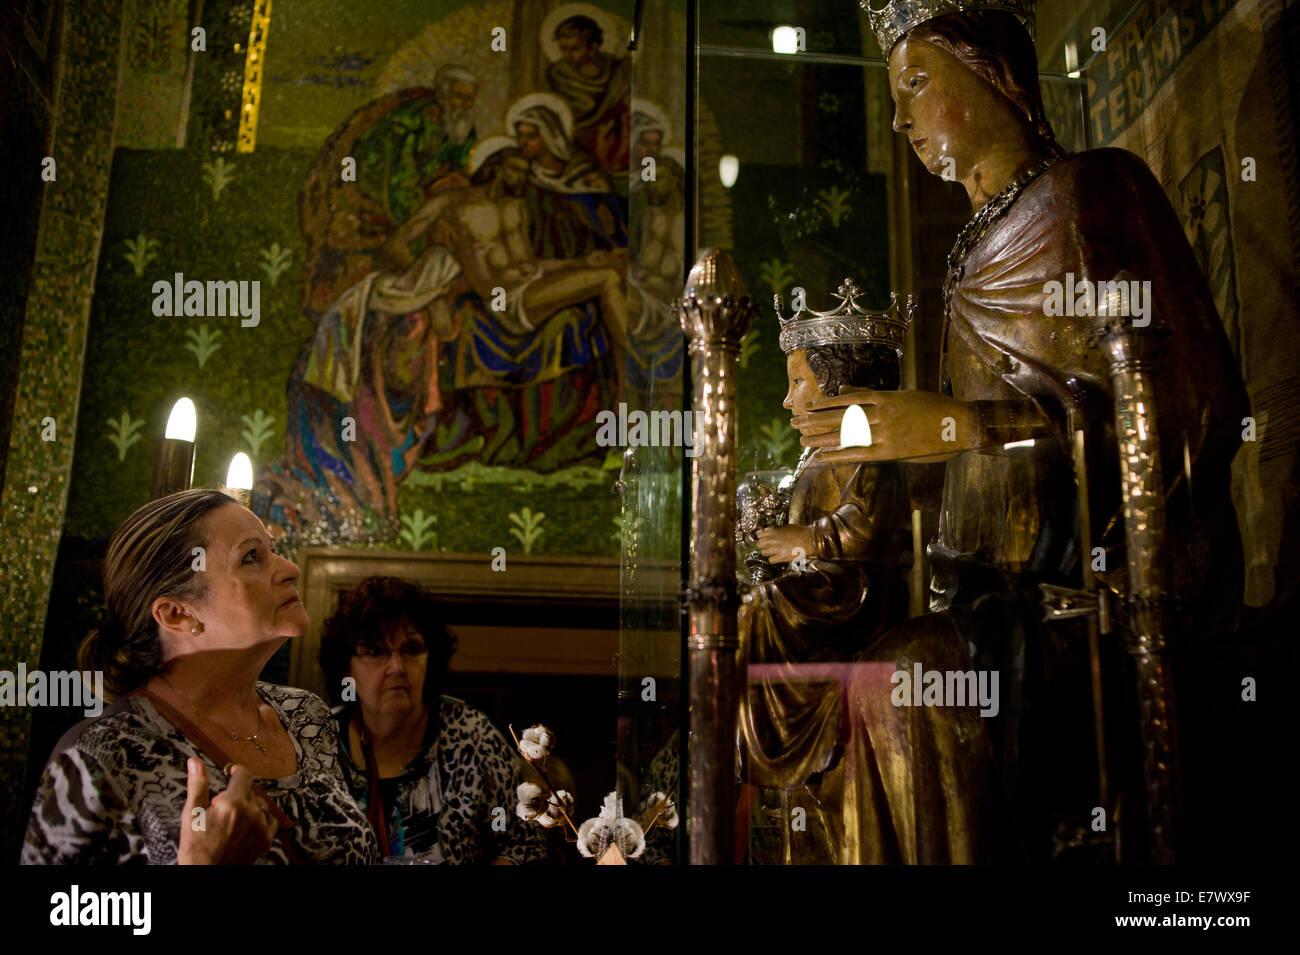 Barcelone, Catalogne, Espagne. Sep 24, 2014. Dans la basilique de la Merce à Barcelone un dévot traverse lui-même en face de la Vierge de la Merce. Le 24 septembre, la ville de Barcelone célèbre le jour de son saint patron (La Mercè) avec plusieurs fêtes traditionnelles , et les événements religieux. Crédit: Jordi Boixareu/Alamy Live News Banque D'Images